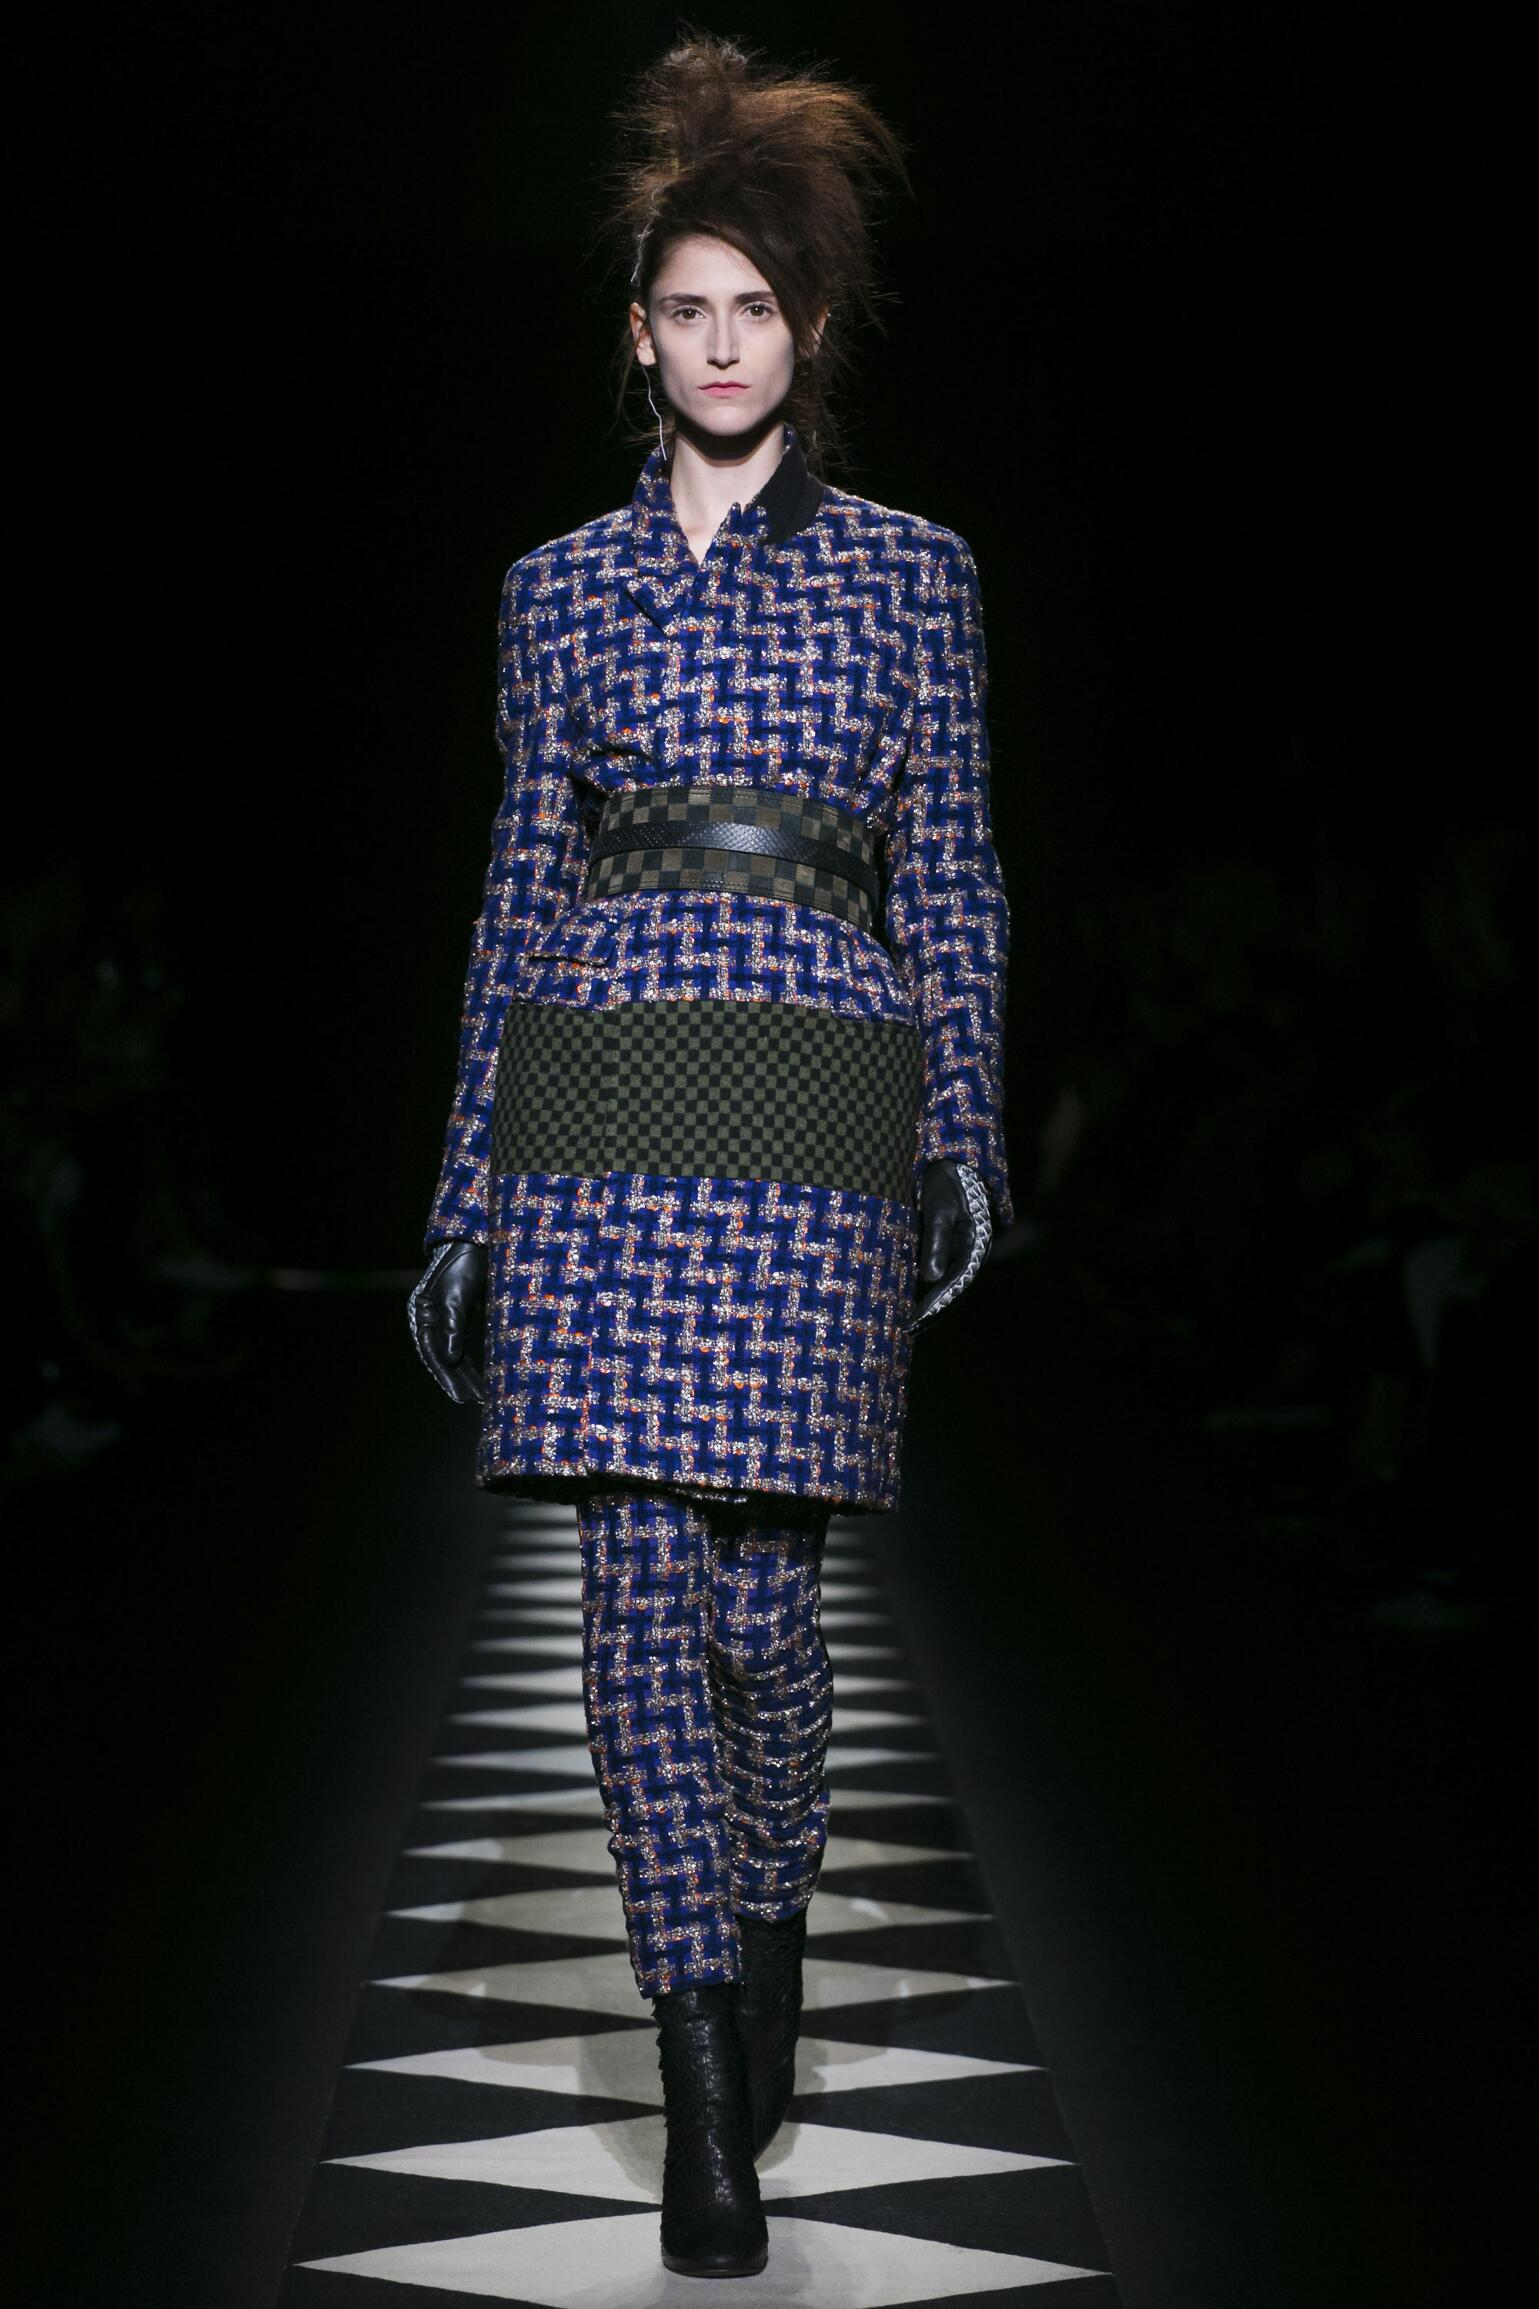 Fall 2015 Women Fashion Show Haider Ackermann Collection